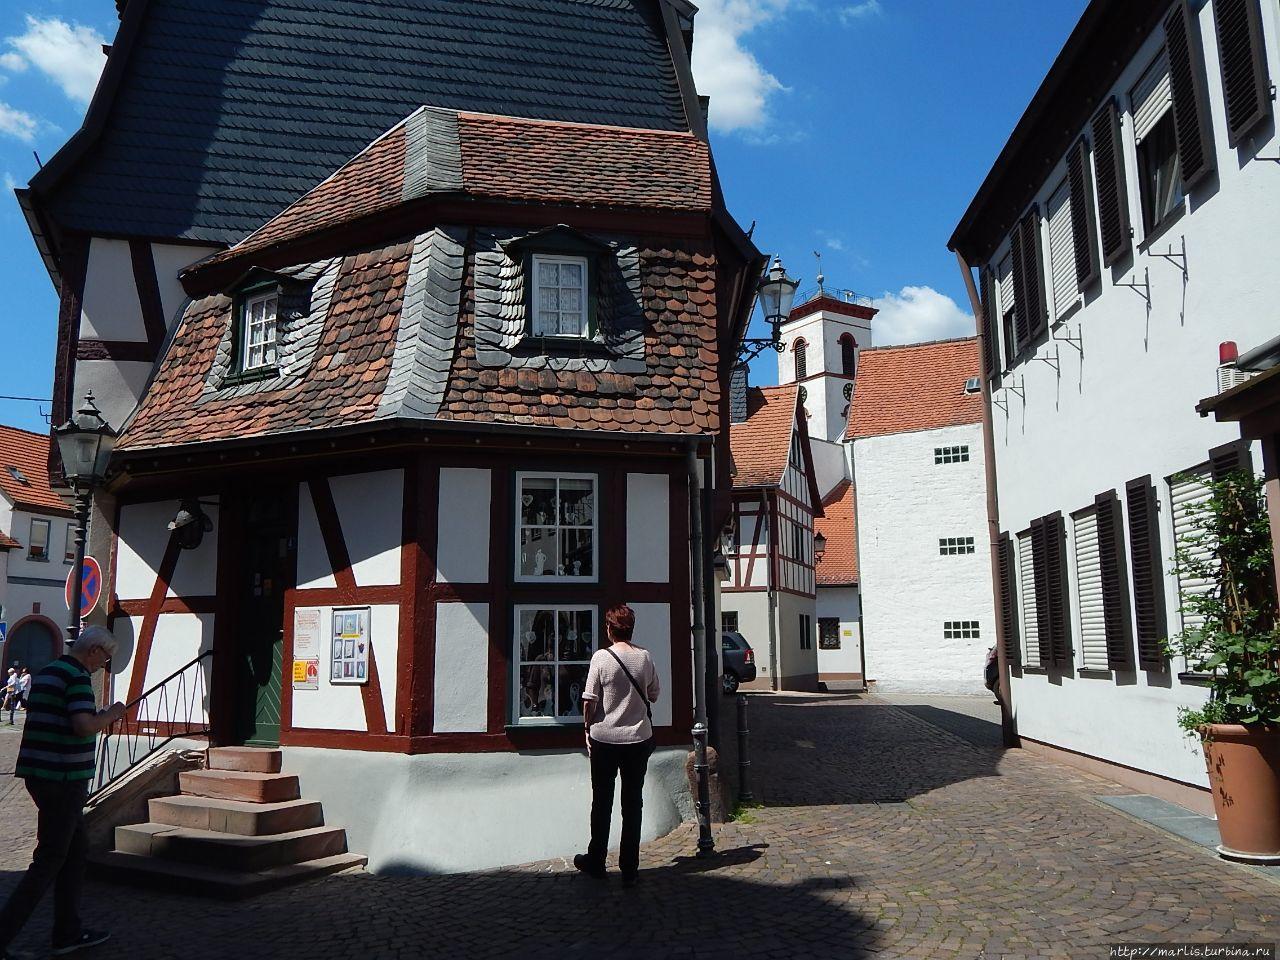 Foto ehrmann in seligenstadt 73